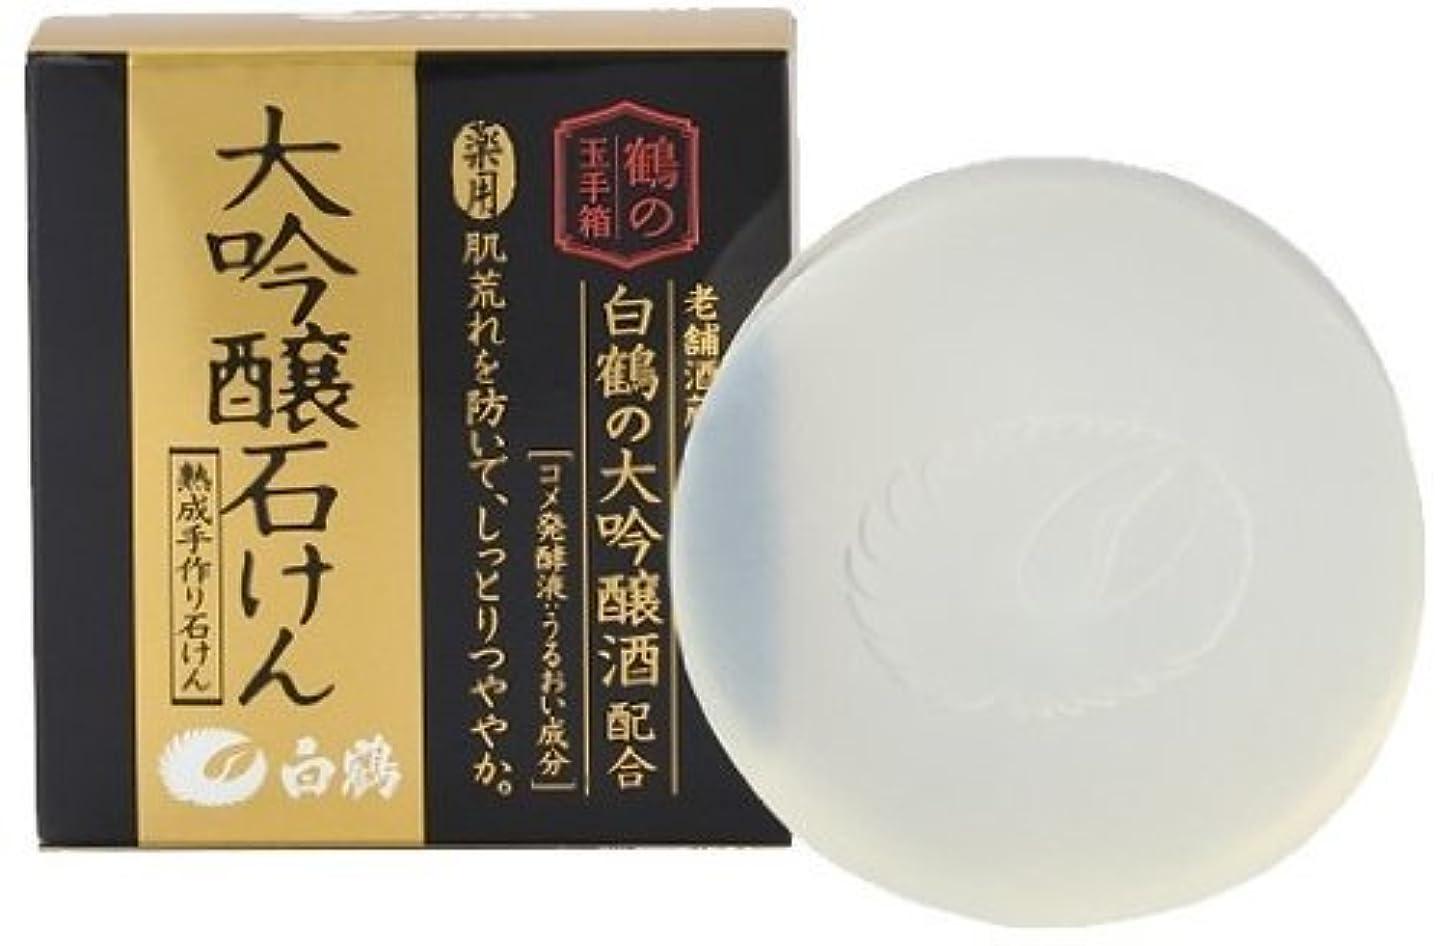 慢性的びっくりした公爵白鶴 鶴の玉手箱 大吟醸石けん 100g × 5個 (薬用)(医薬部外品)